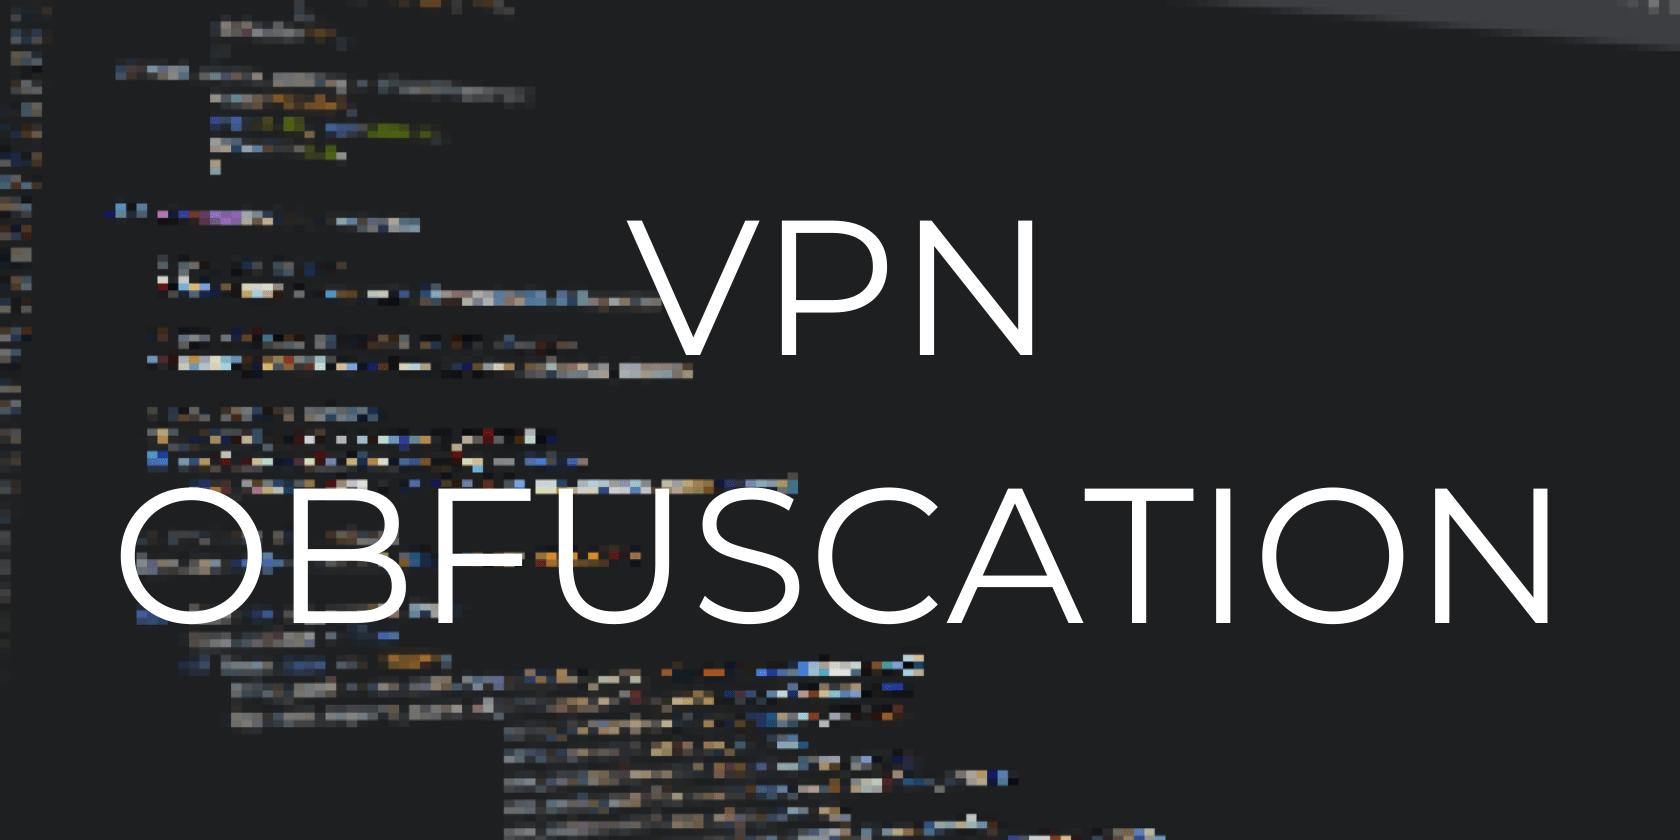 VPN Obfuscation